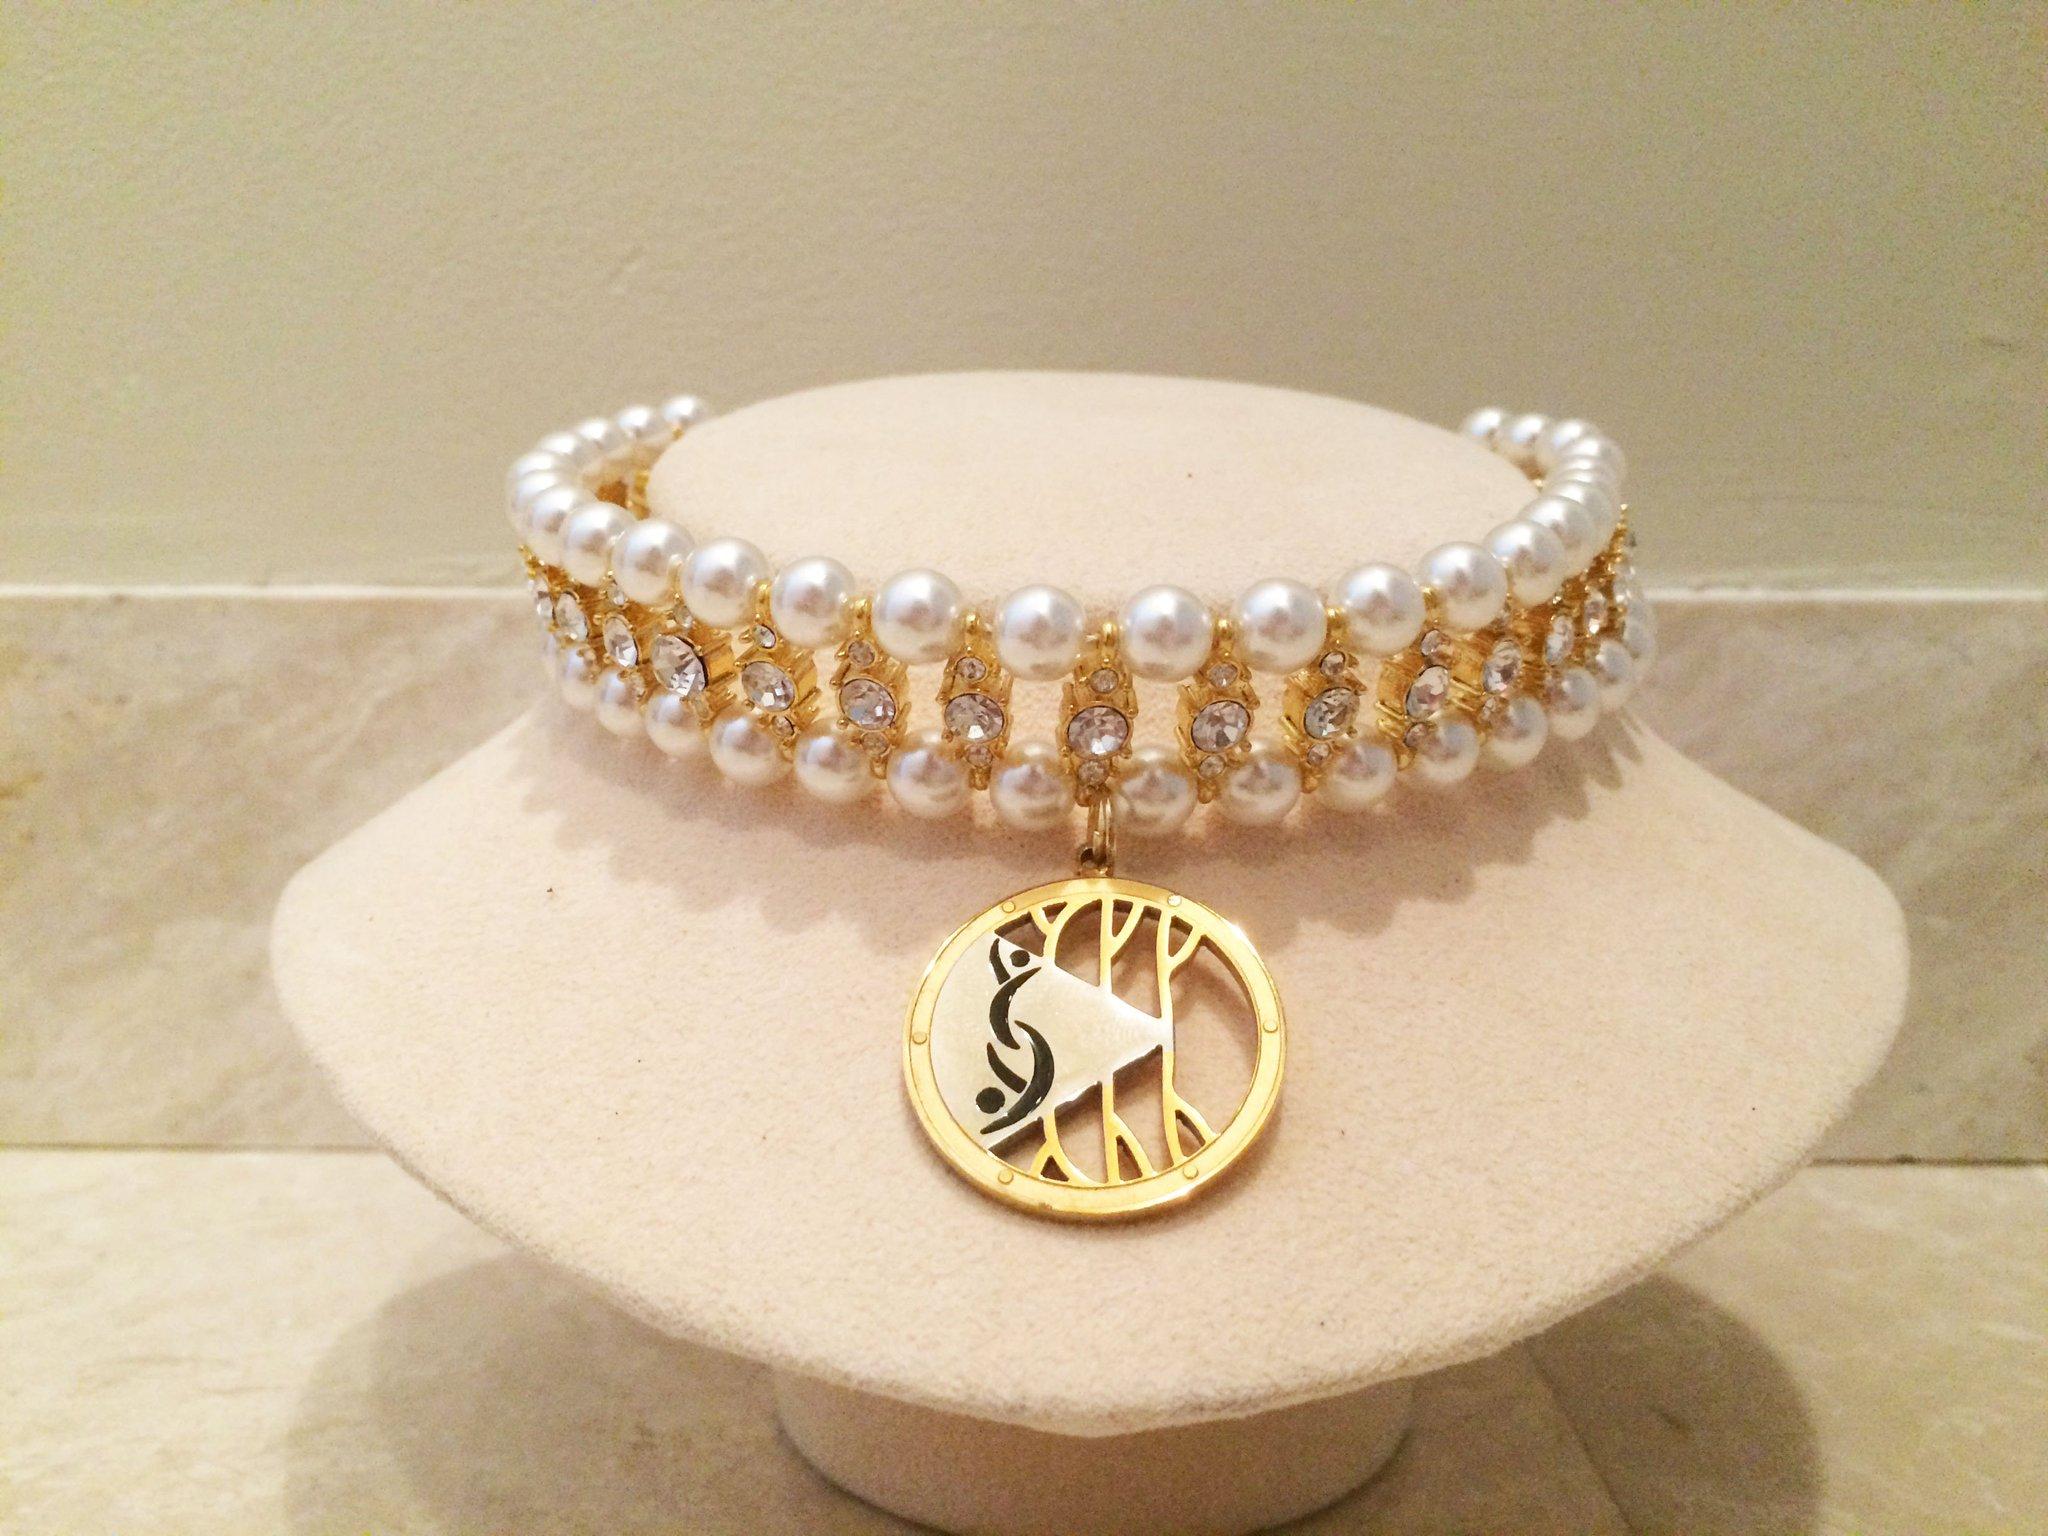 RT @partners_id: https://t.co/CqYCuyJvEc #swingerjewelry #swinger @Swinging_MILF @Social_Swinging @ASNlifestyles @hotrodf53 https://t.co/rR…